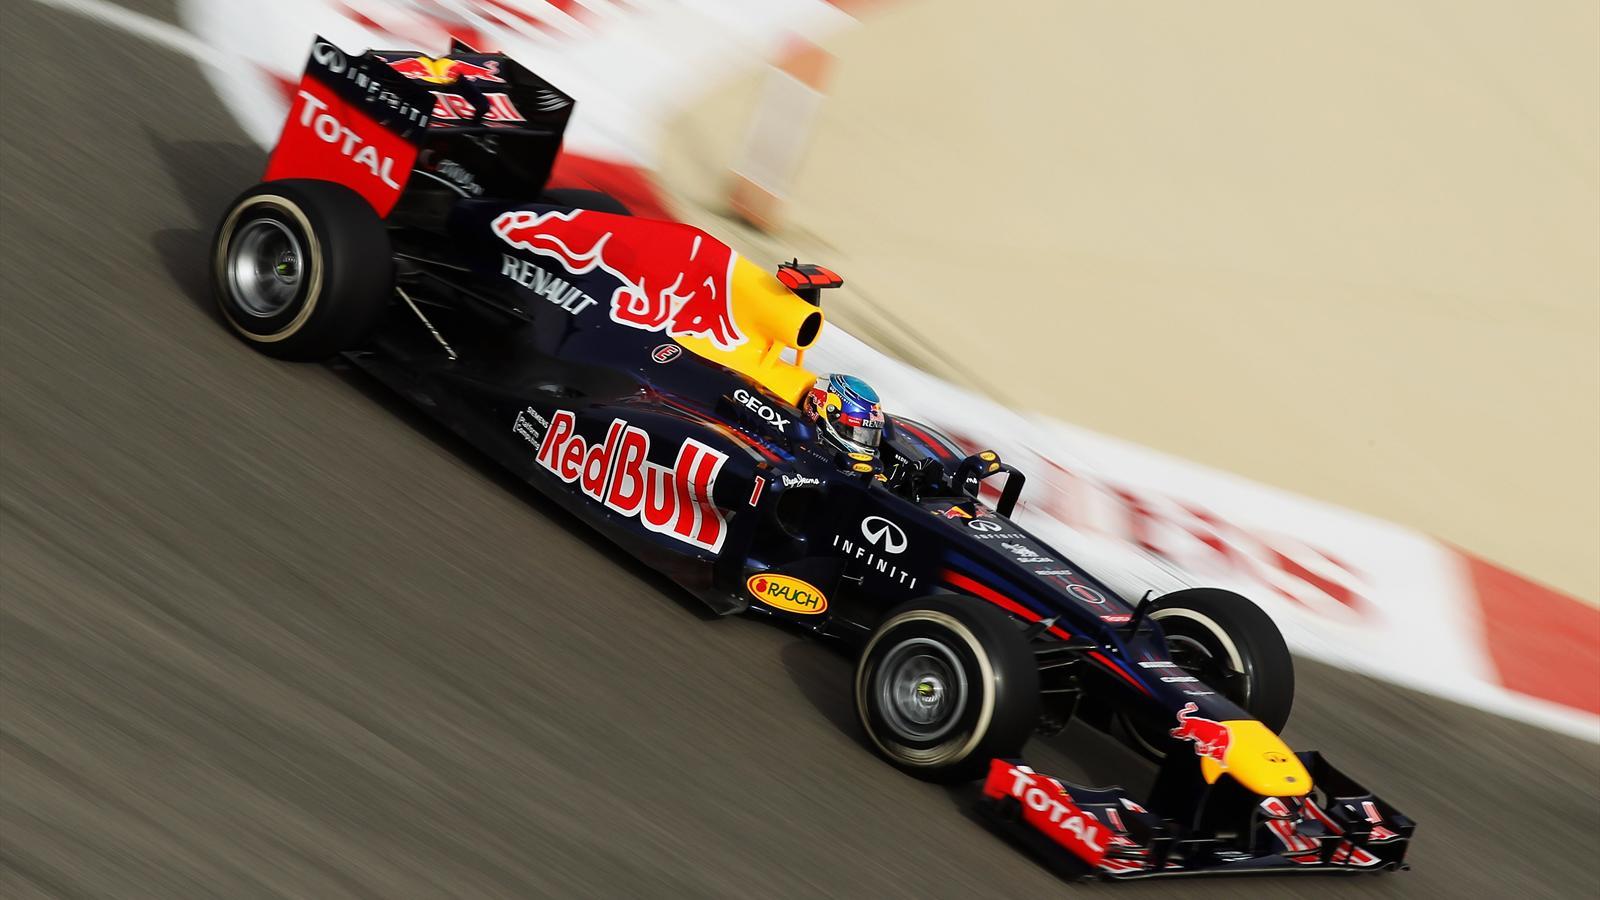 Spécial Sebastian Vettel (Formule un) - Page 20 916879-19859597-1600-900